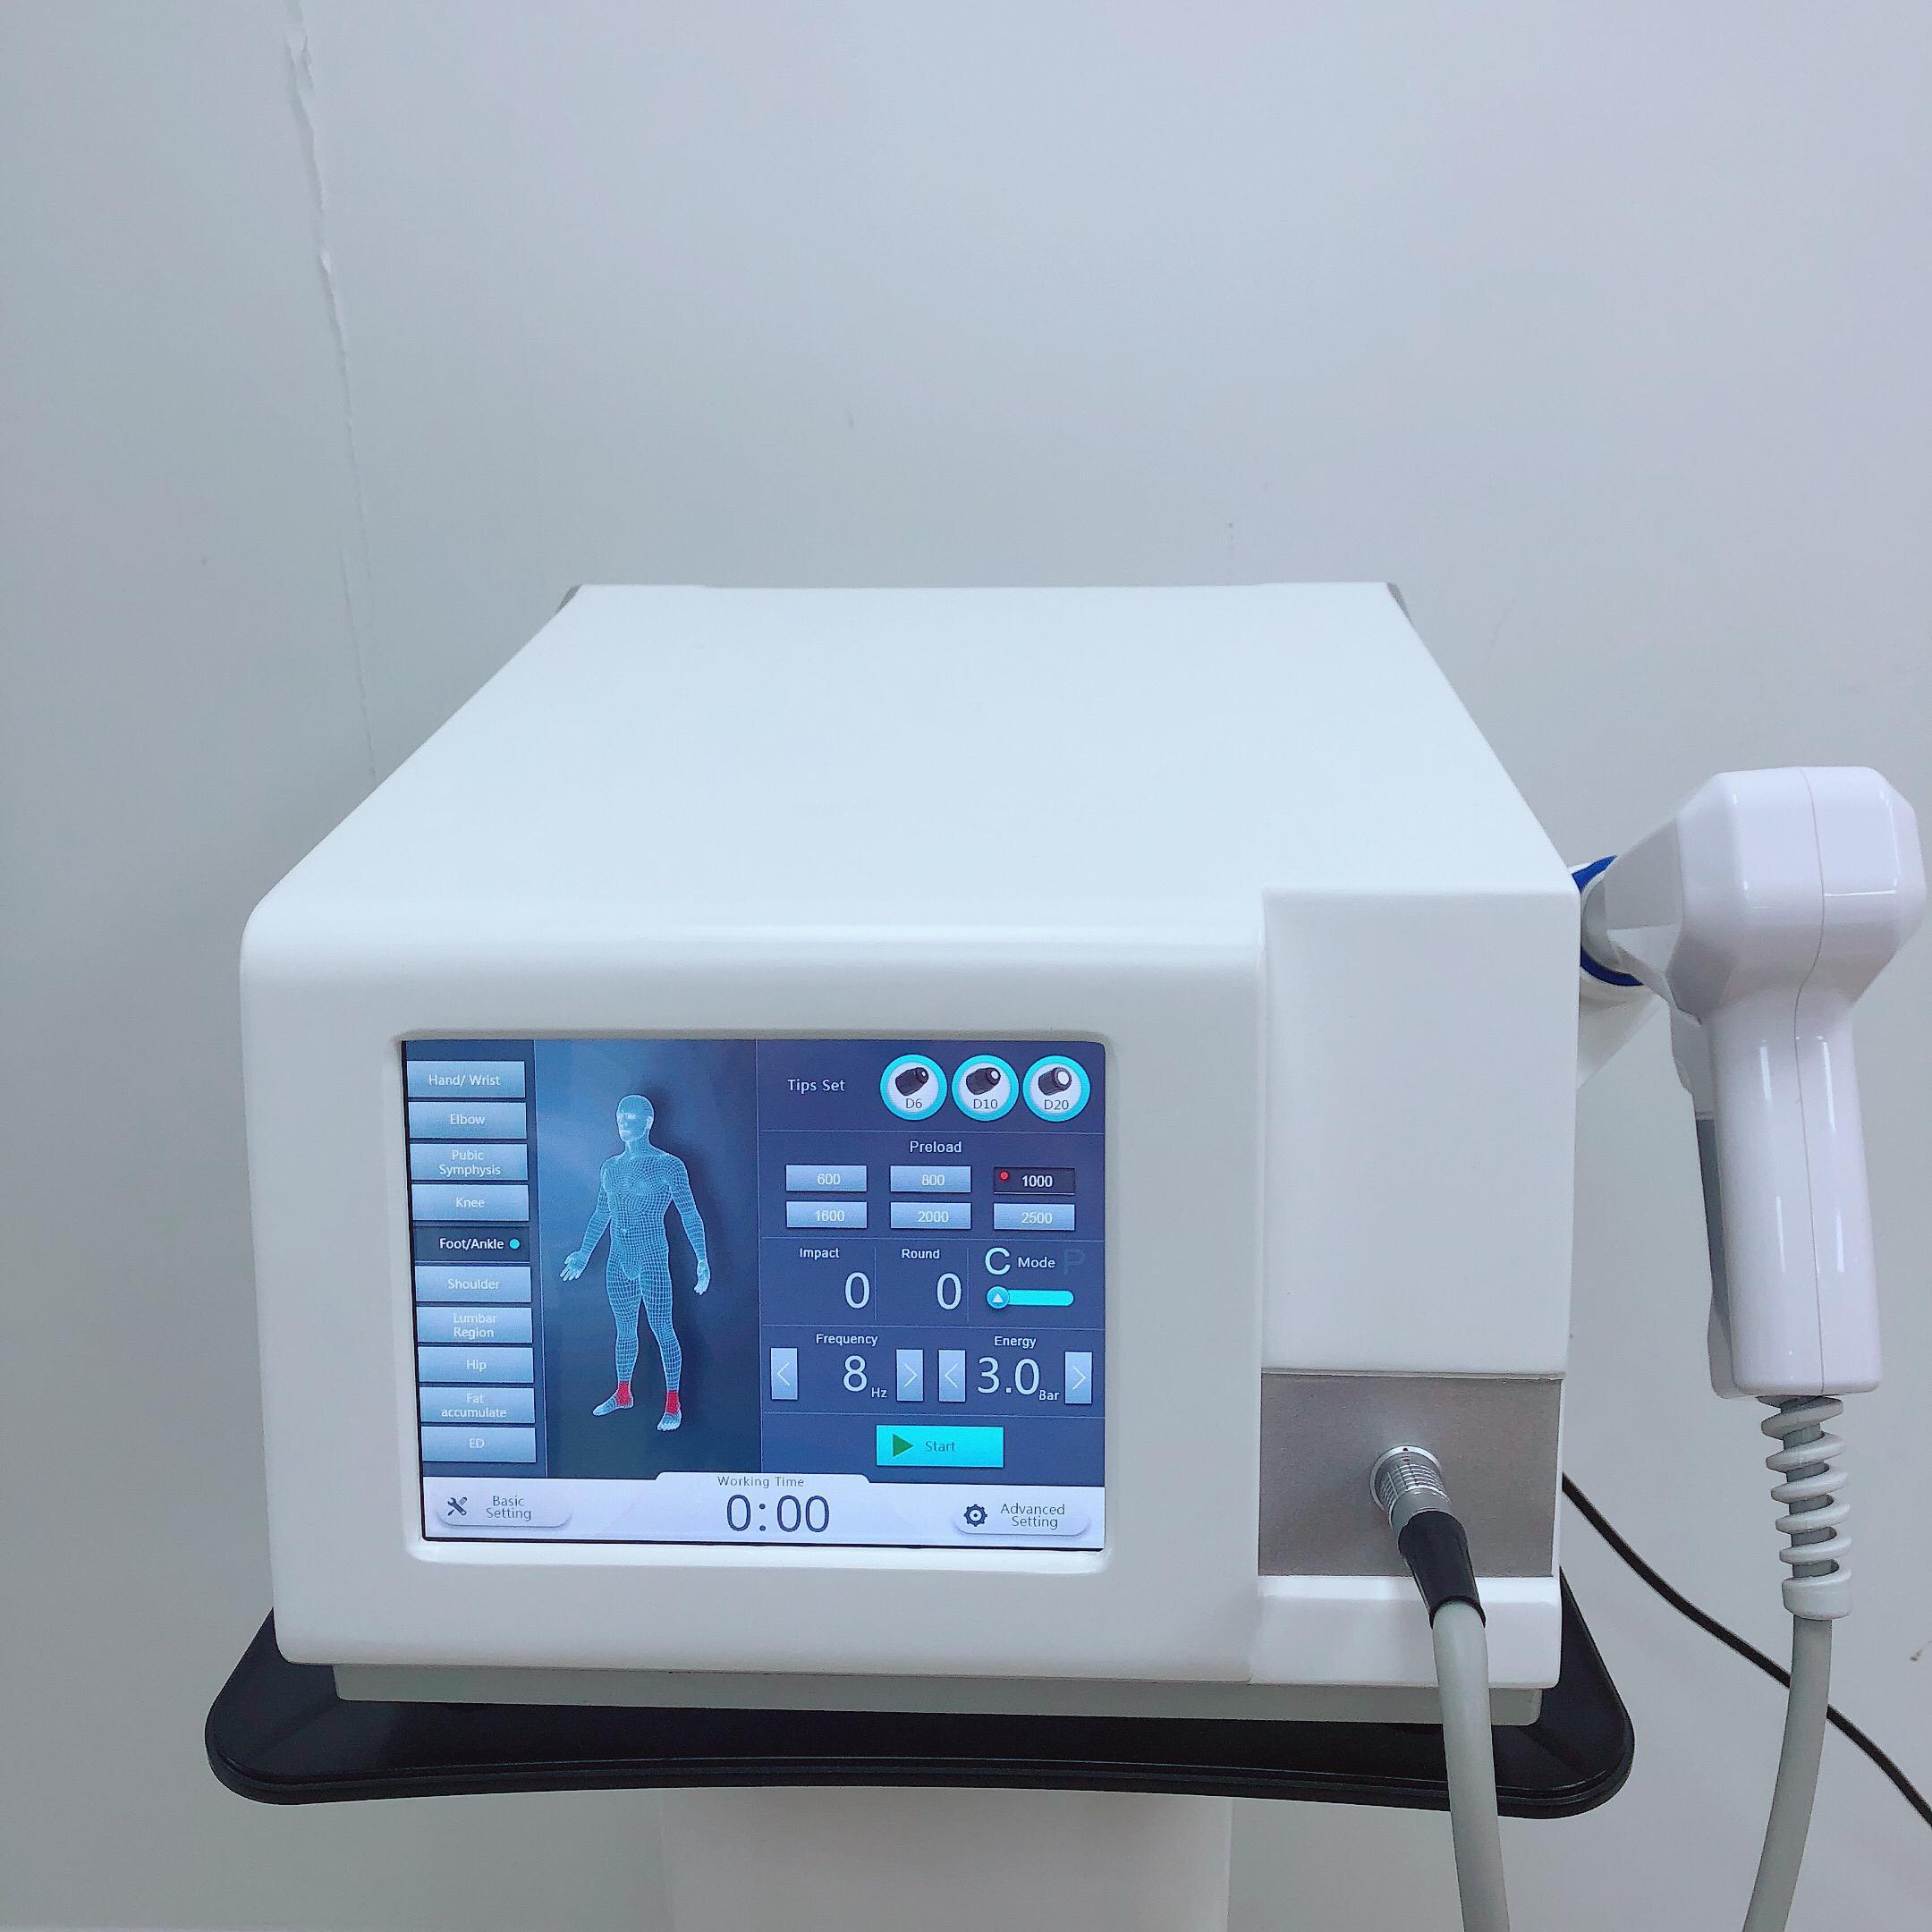 Phycial onda de choque terapia de ondas uso en el hogar belleza máquina TOCH ExtracorporealShock RSWT radial con ondas de choque para el dolor de tratamiento de alivio ed cuerpo